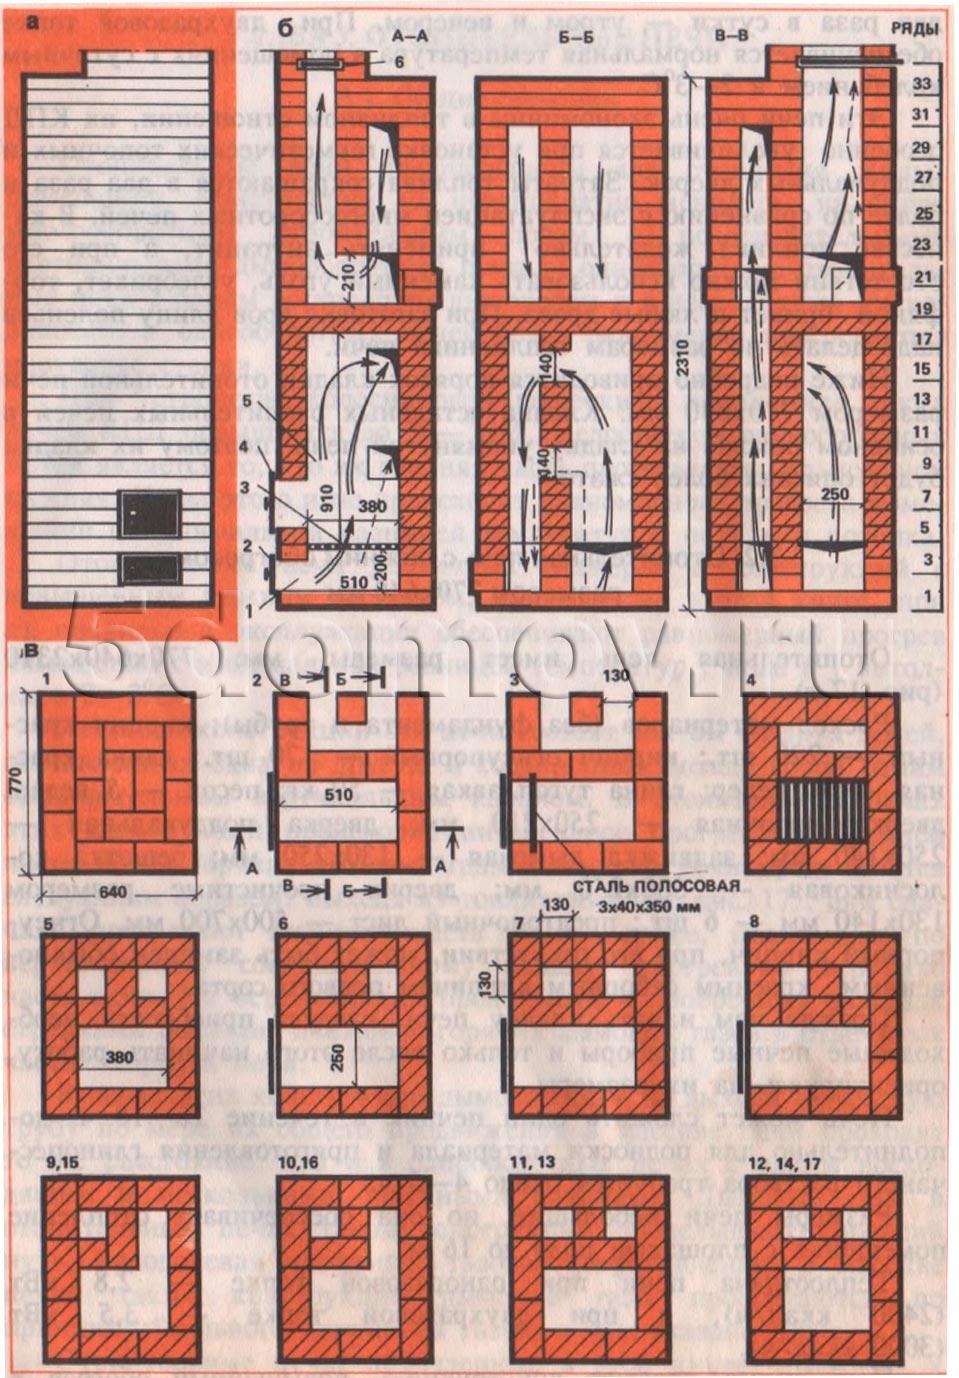 Рис. 1. Отопительная печь с нижним обогревом размером 770x640 мм а — фасад; б — разрезы А—А, Б—Б, В—В; в — кладка 1 —17 рядов; г — кладка 18—35 рядов; 1 — зольниковая камера; 2 — поддувальная дверка; 3 — колосниковая решетка; 4 — топочная дверка; 5 — топливник; 6 — дымовая задвижка.